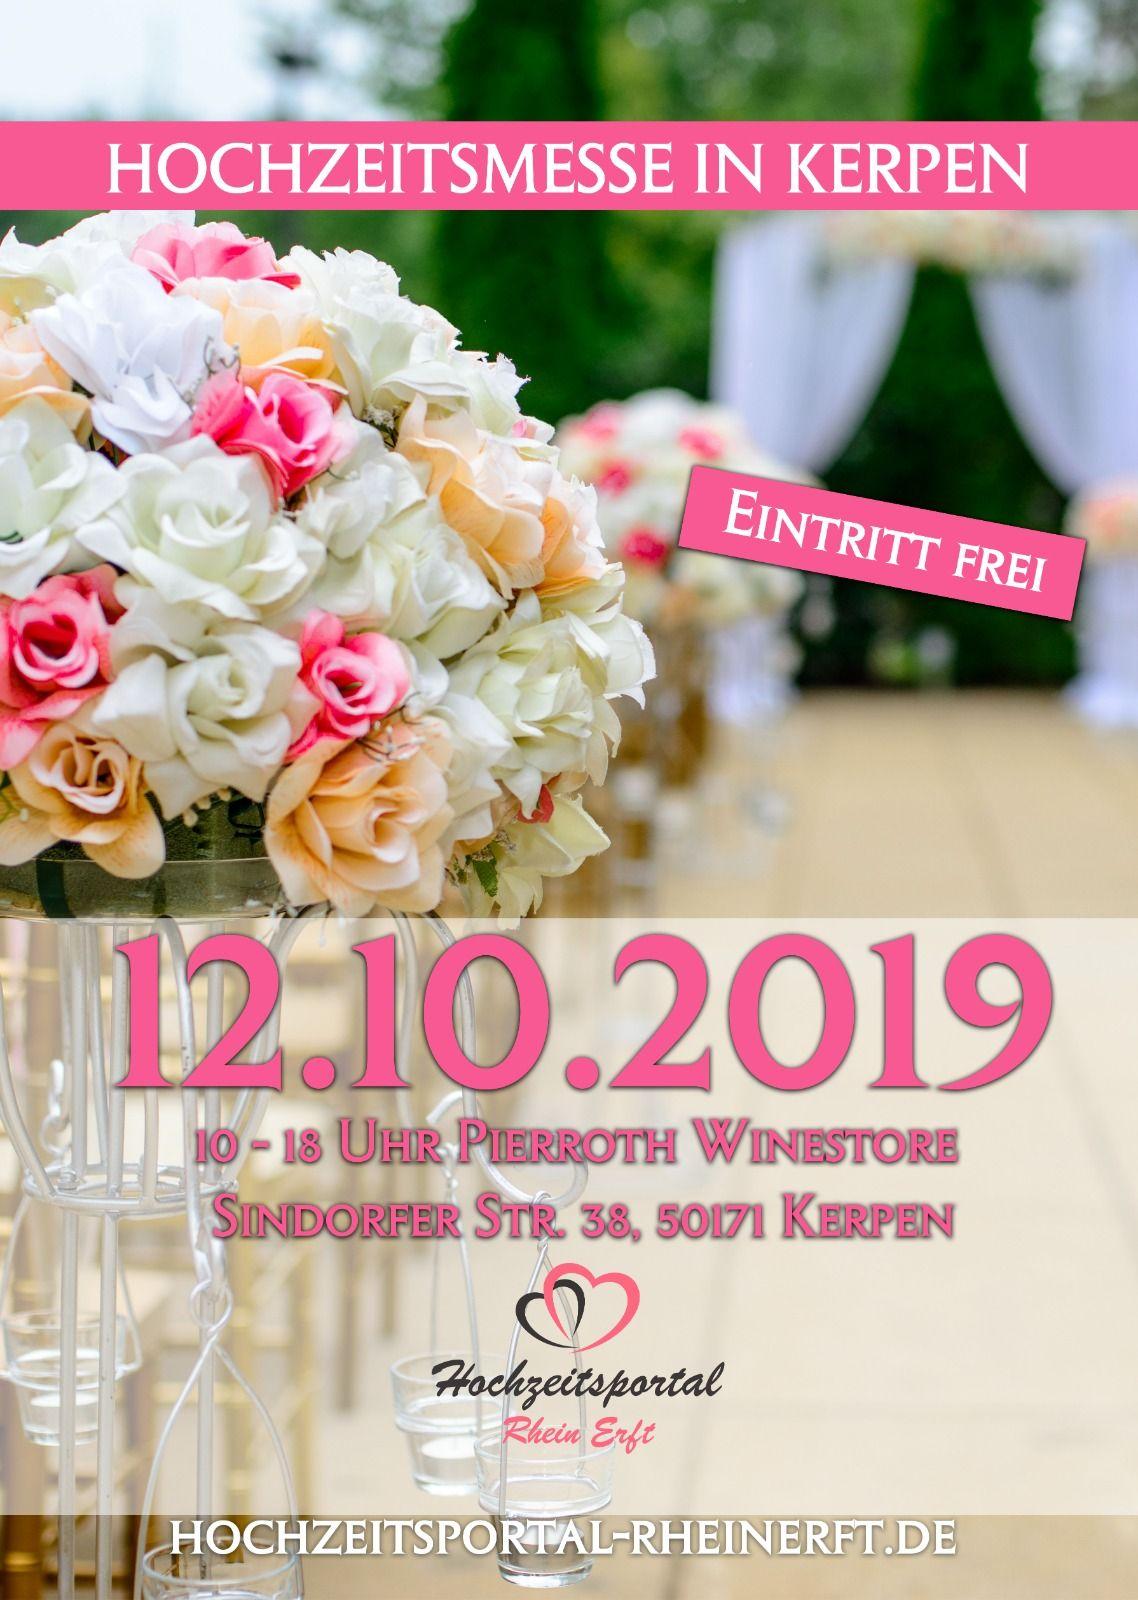 Einladung zur Hochzeitsmesse